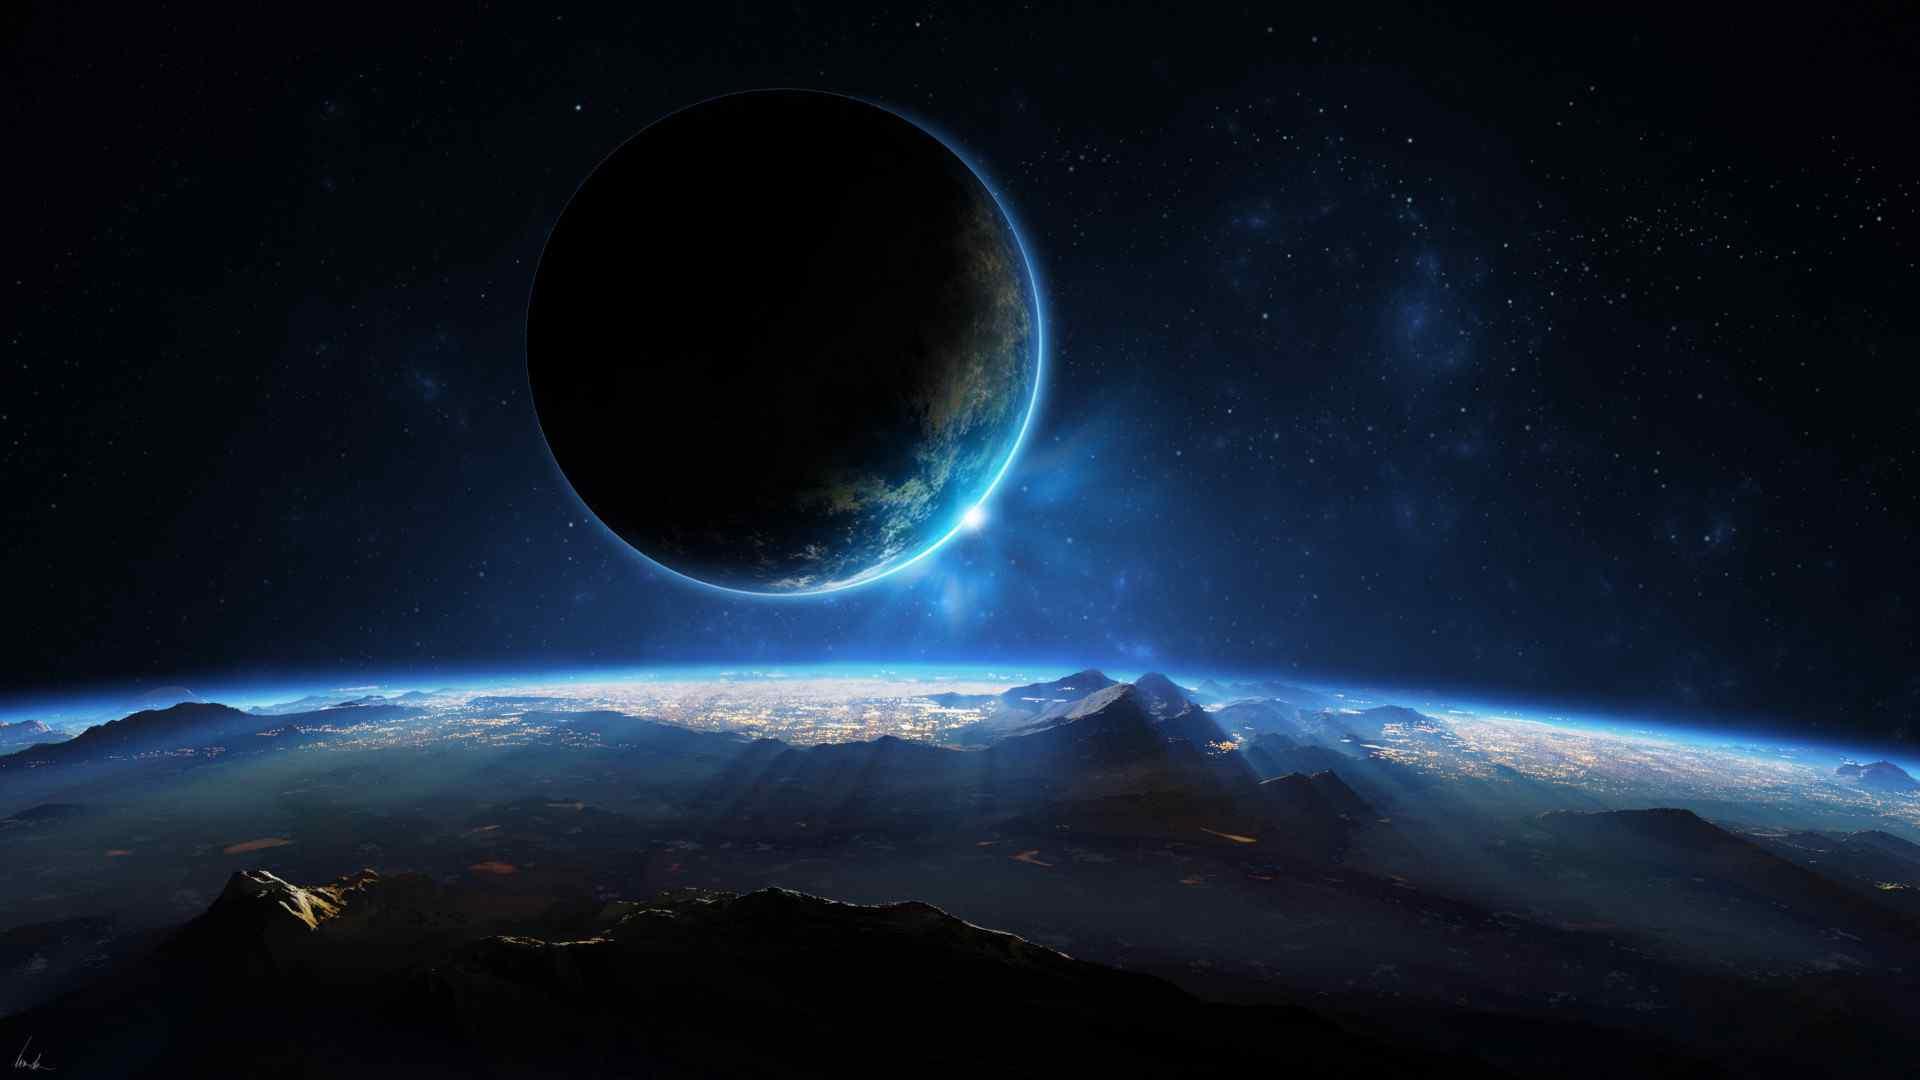 星空月球光桌面壁纸